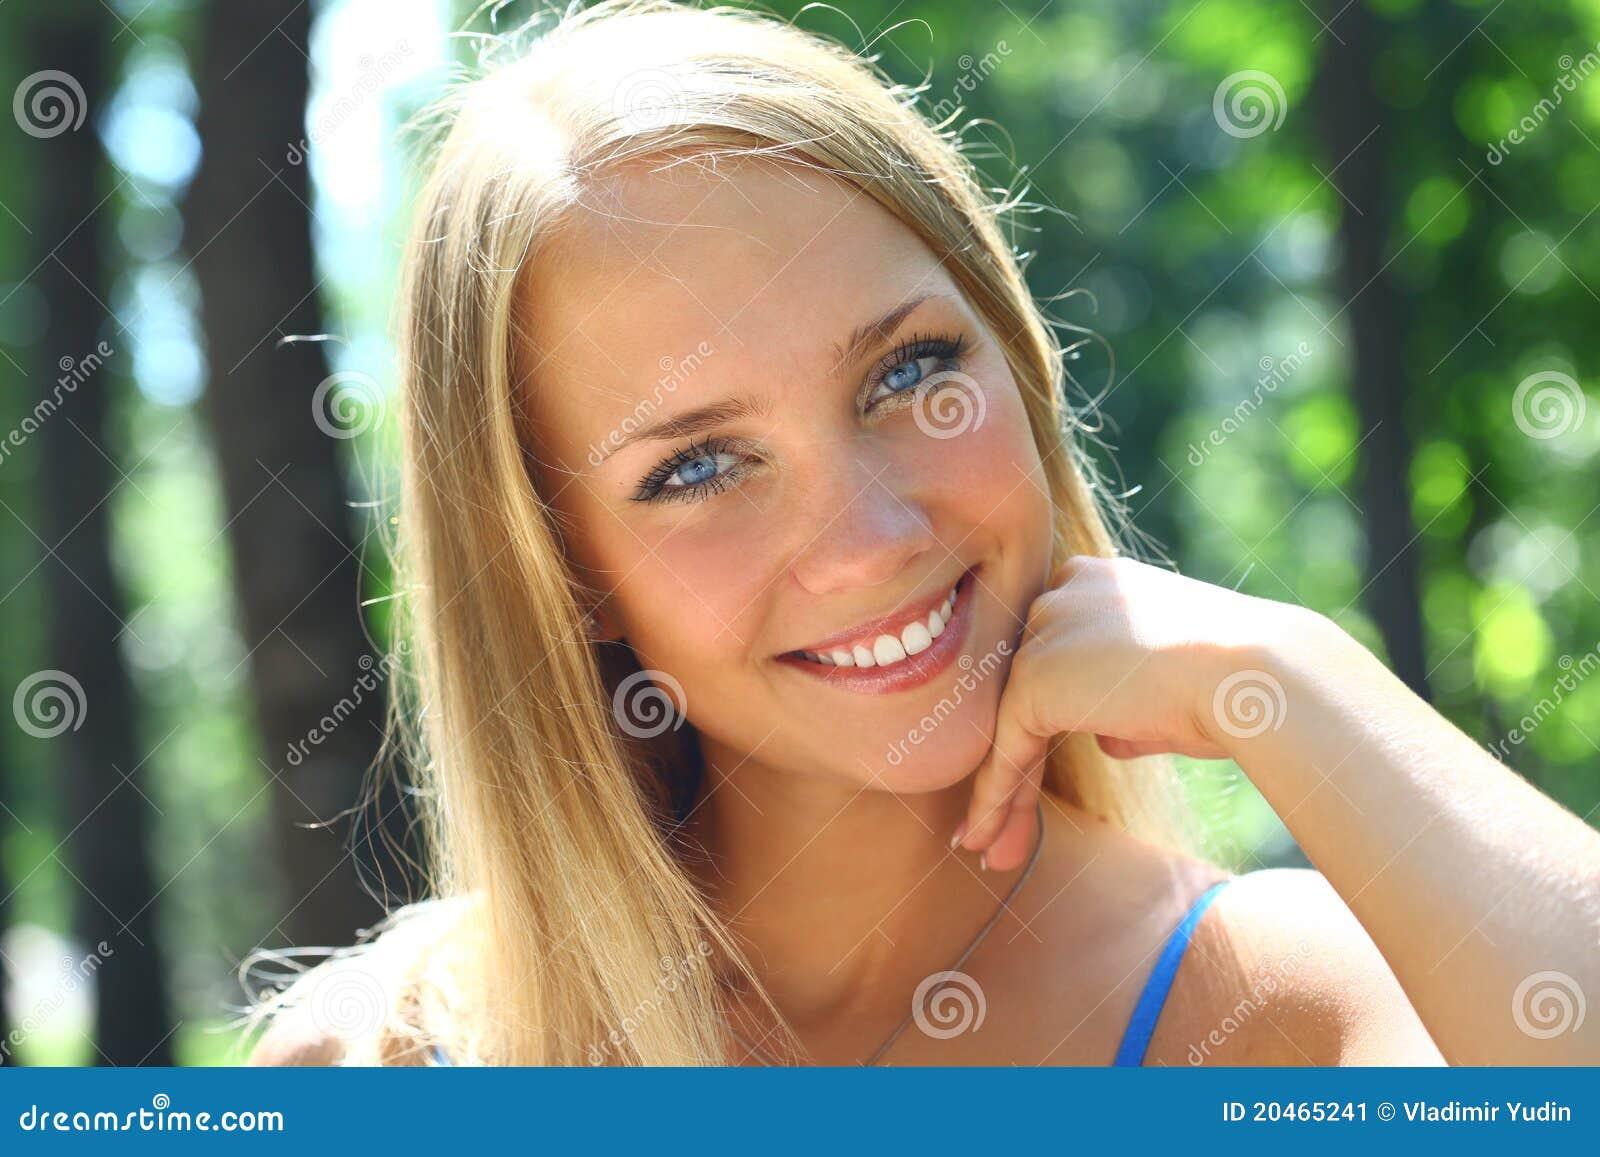 junge sch ne blonde frau mit dem langen haar stockbild bild von baum wei 20465241. Black Bedroom Furniture Sets. Home Design Ideas